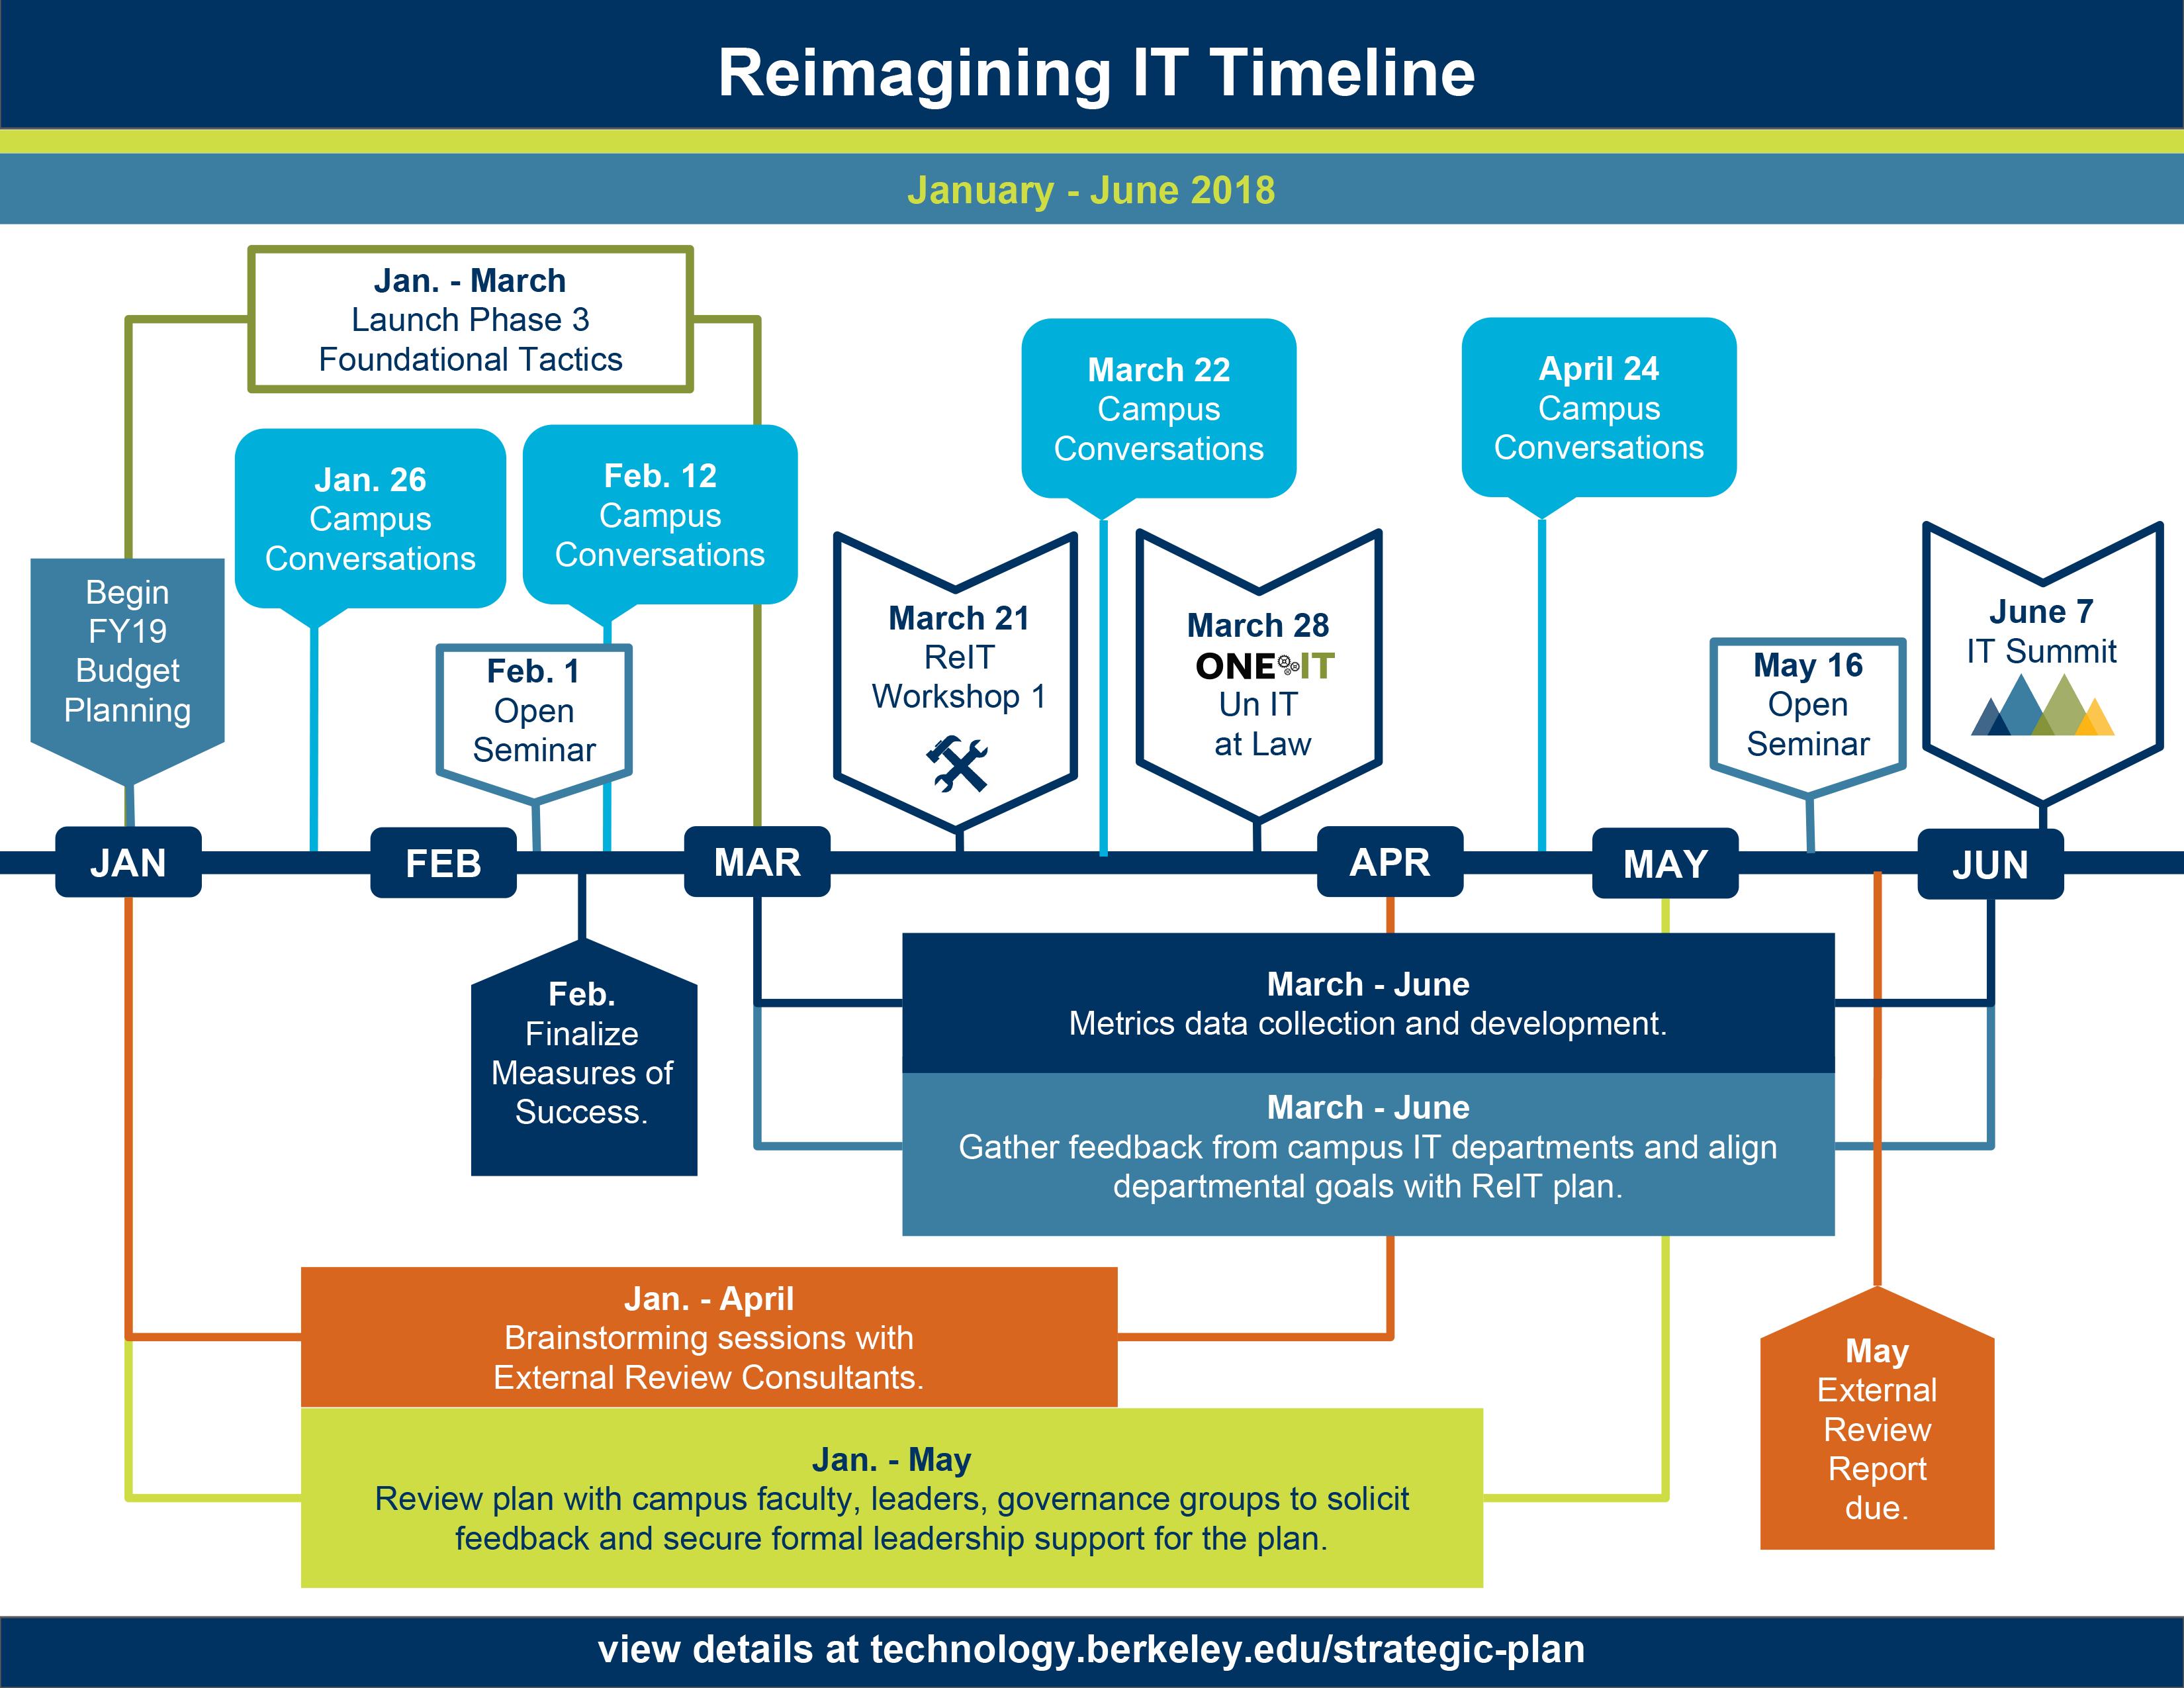 ReIT timeline graphic